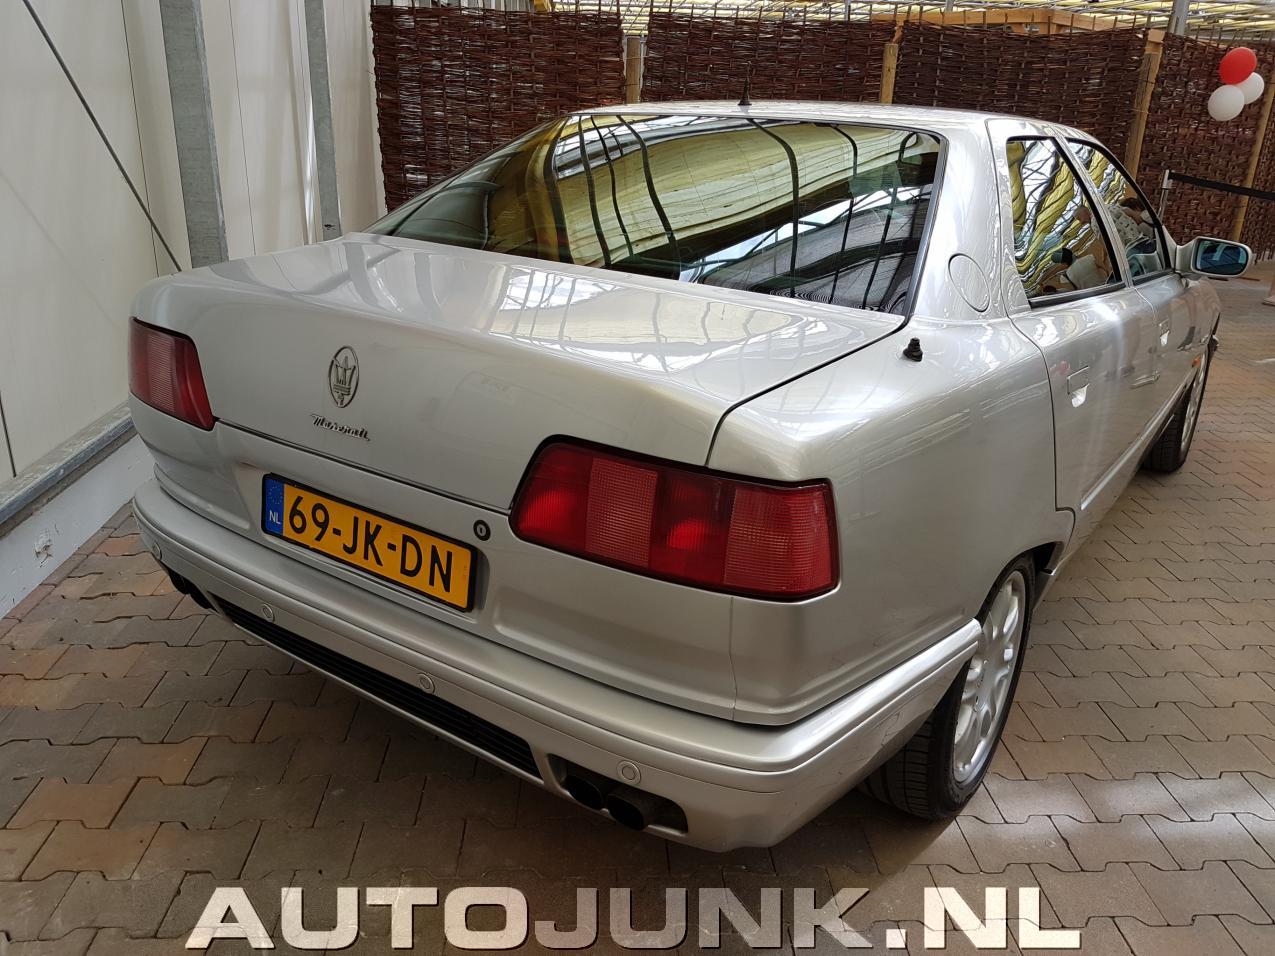 Maserati Quattroporte 1997 foto's » Autojunk.nl (197970)